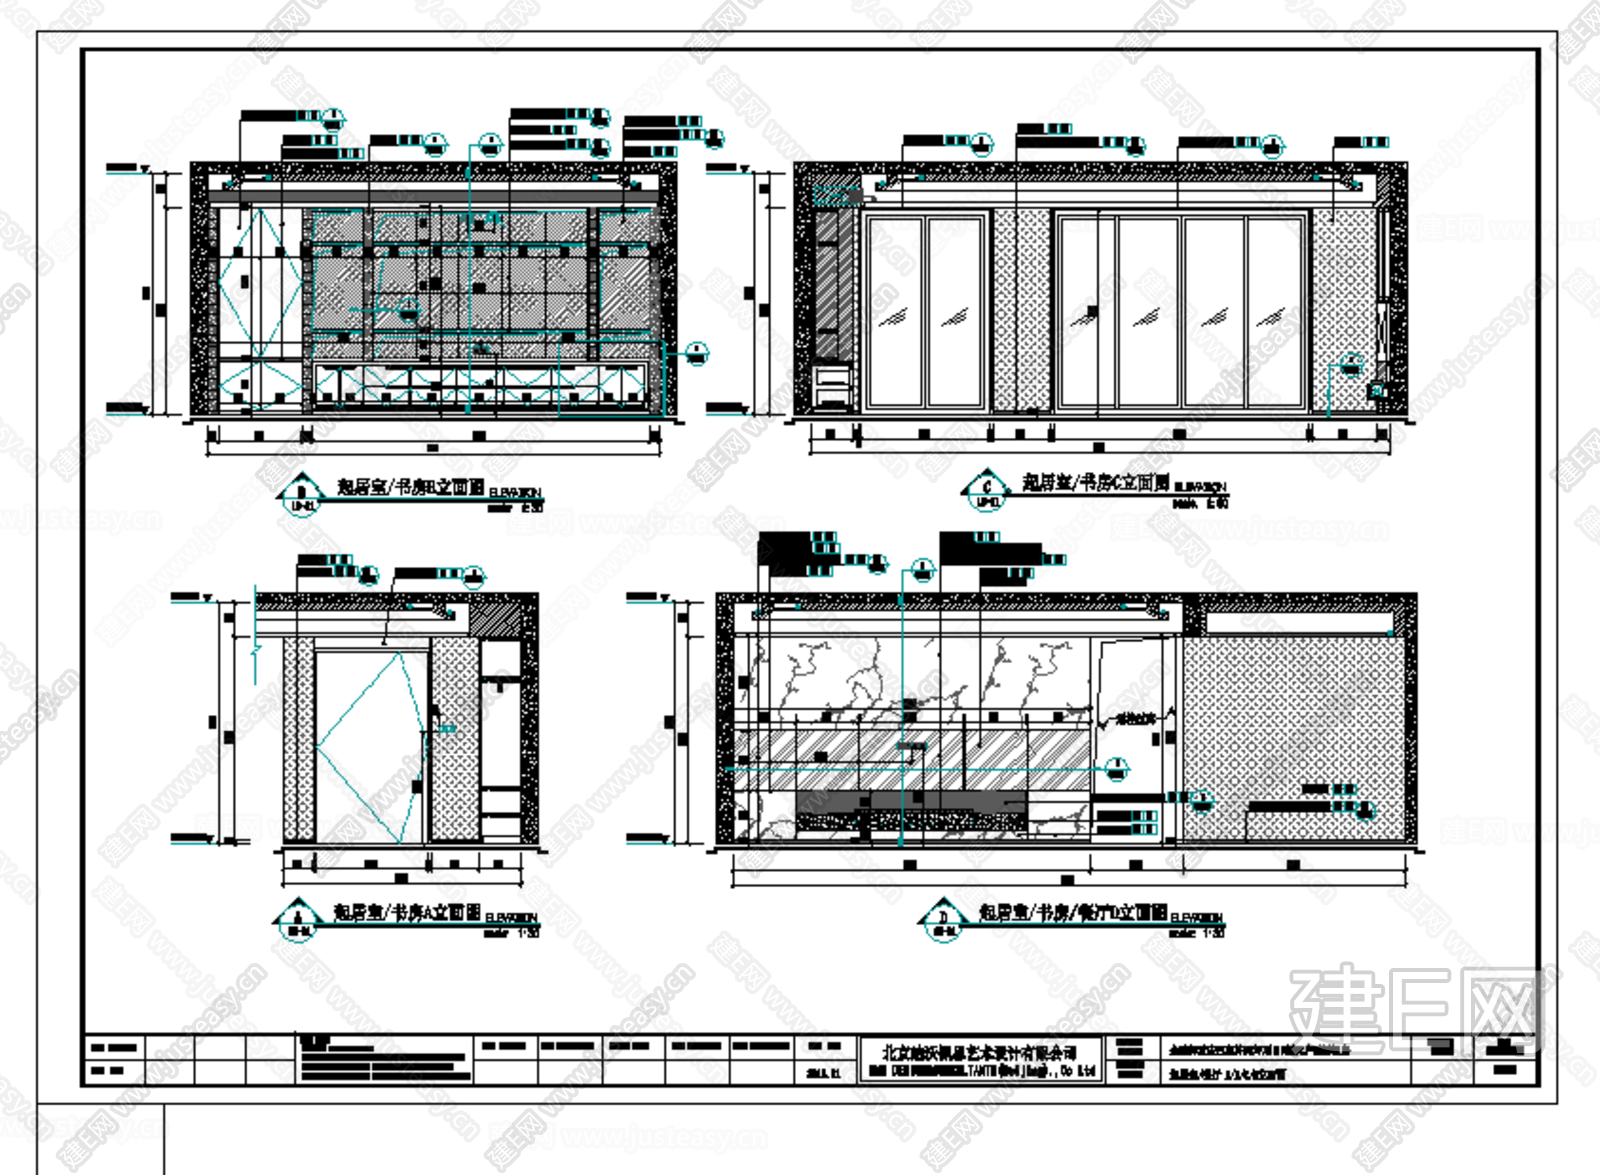 现代都市样板间全套施工图|CAD施工图+效果图+材料清单+方案汇报文件+软装方案